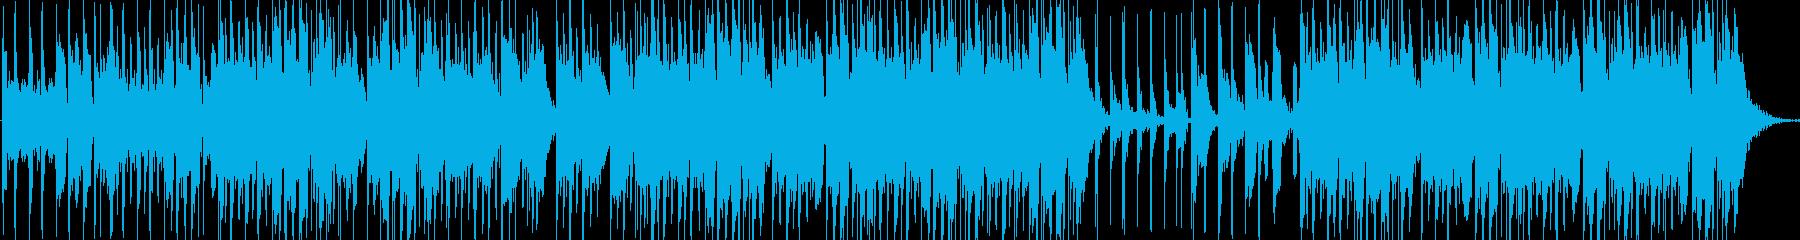 レトロ ドラマチック テクノロジー...の再生済みの波形